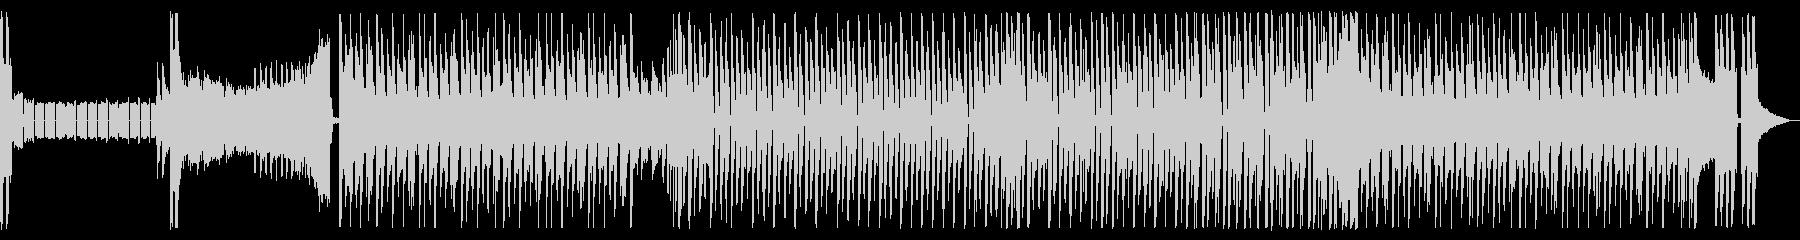 洗練されたクールな近未来的なインストの未再生の波形